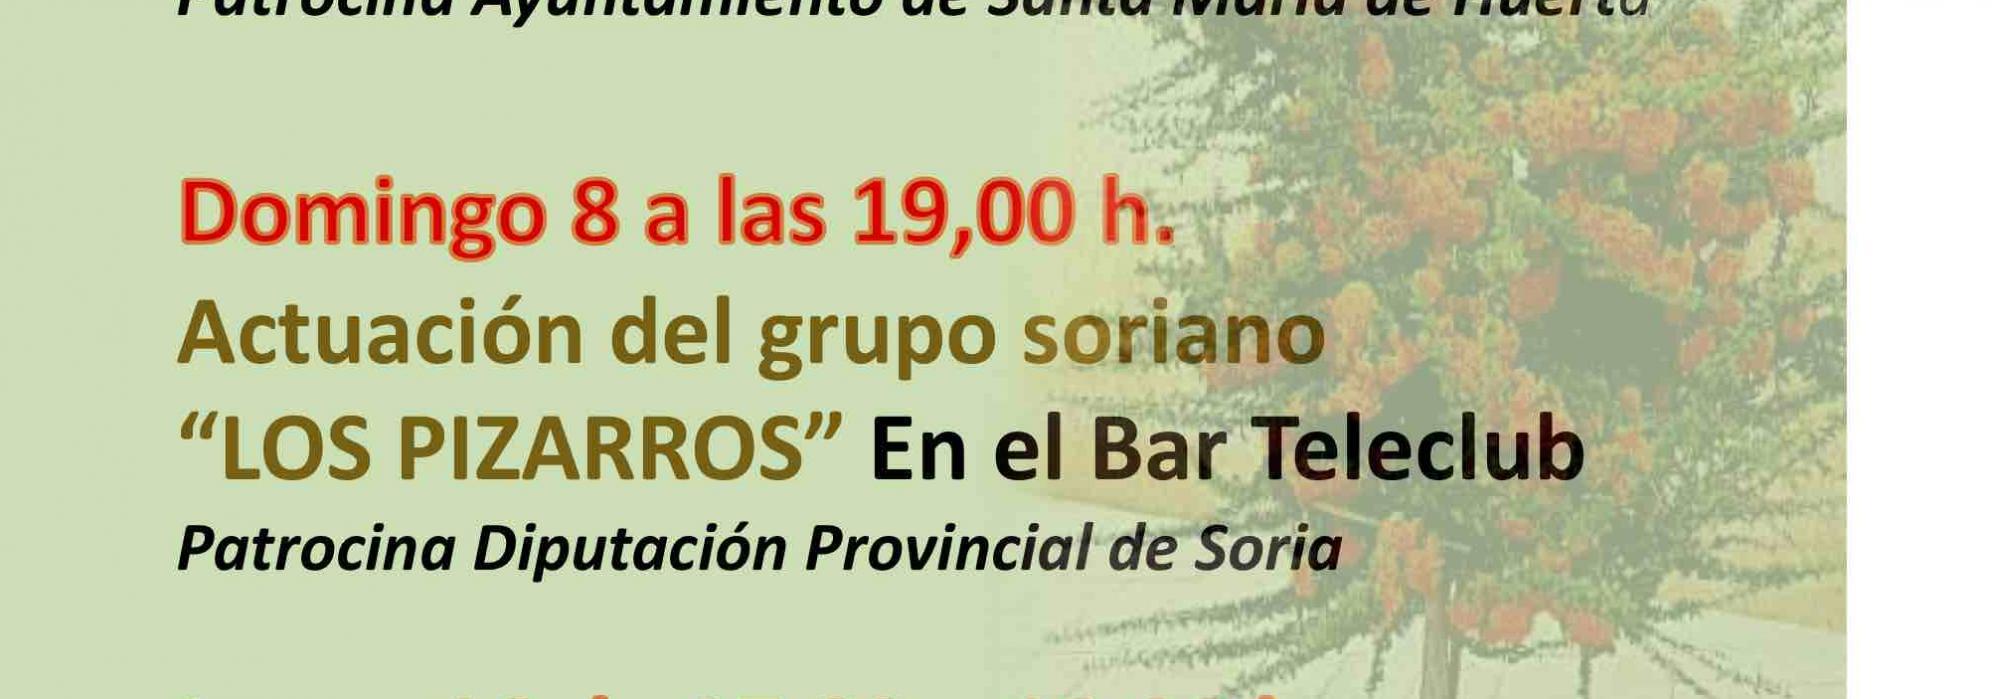 Dic.2019-Actuación grupo Los Pizarros en Santa María de Huerta